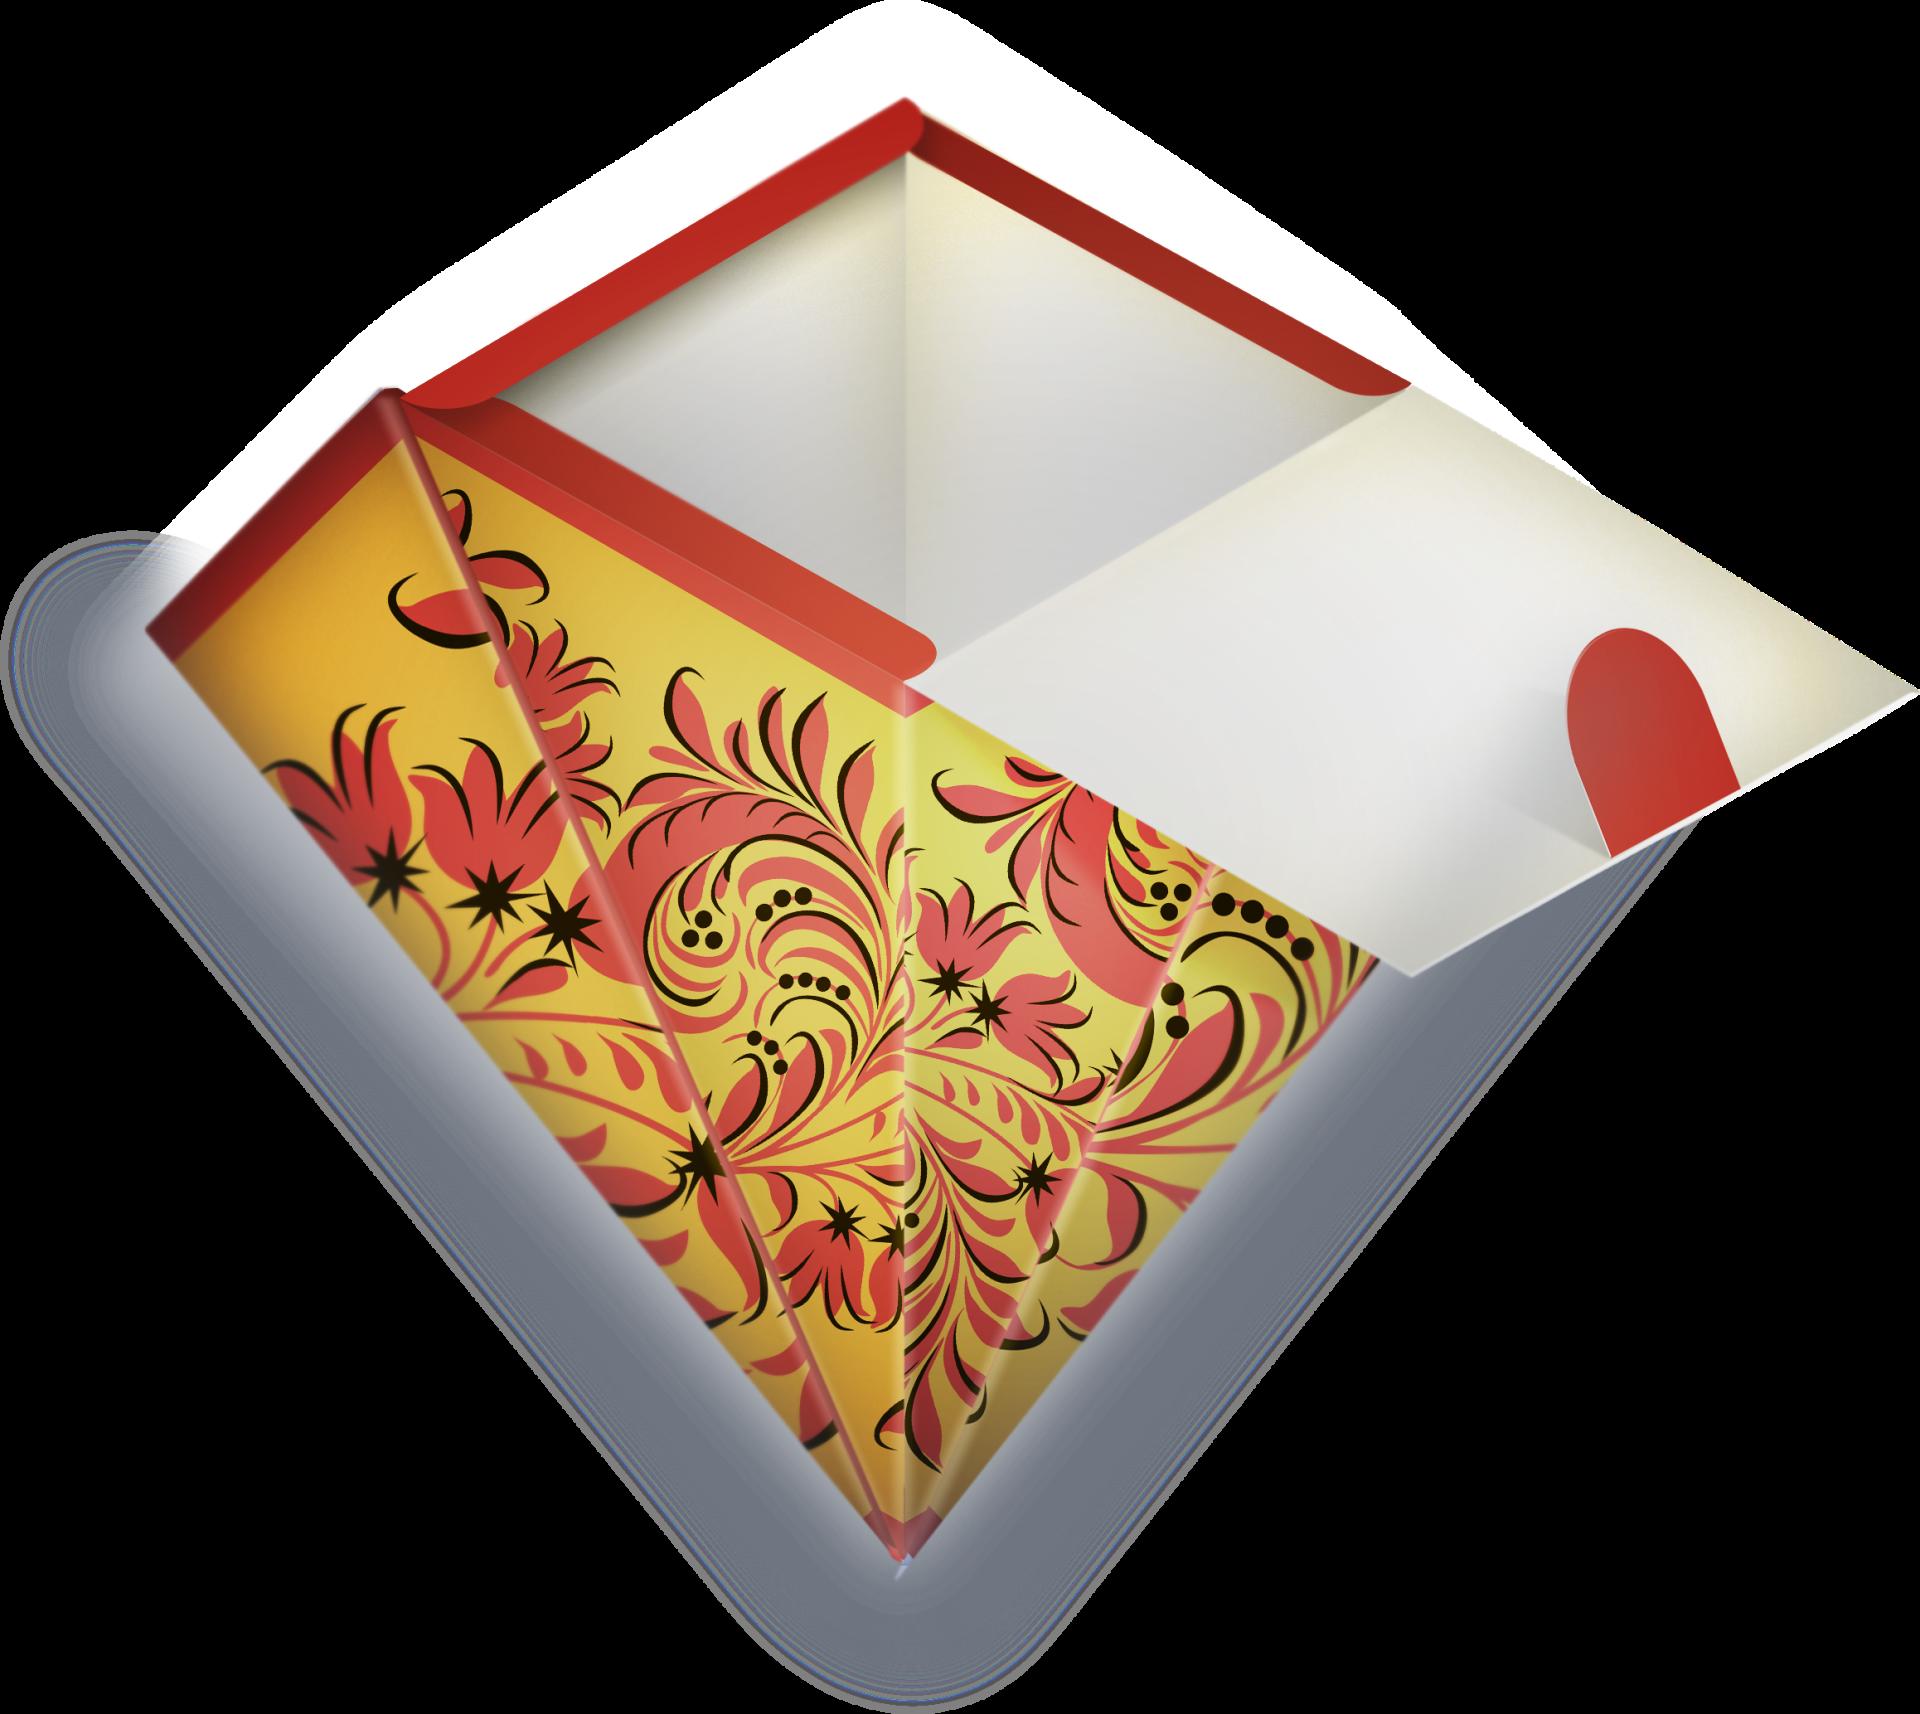 Diqond box